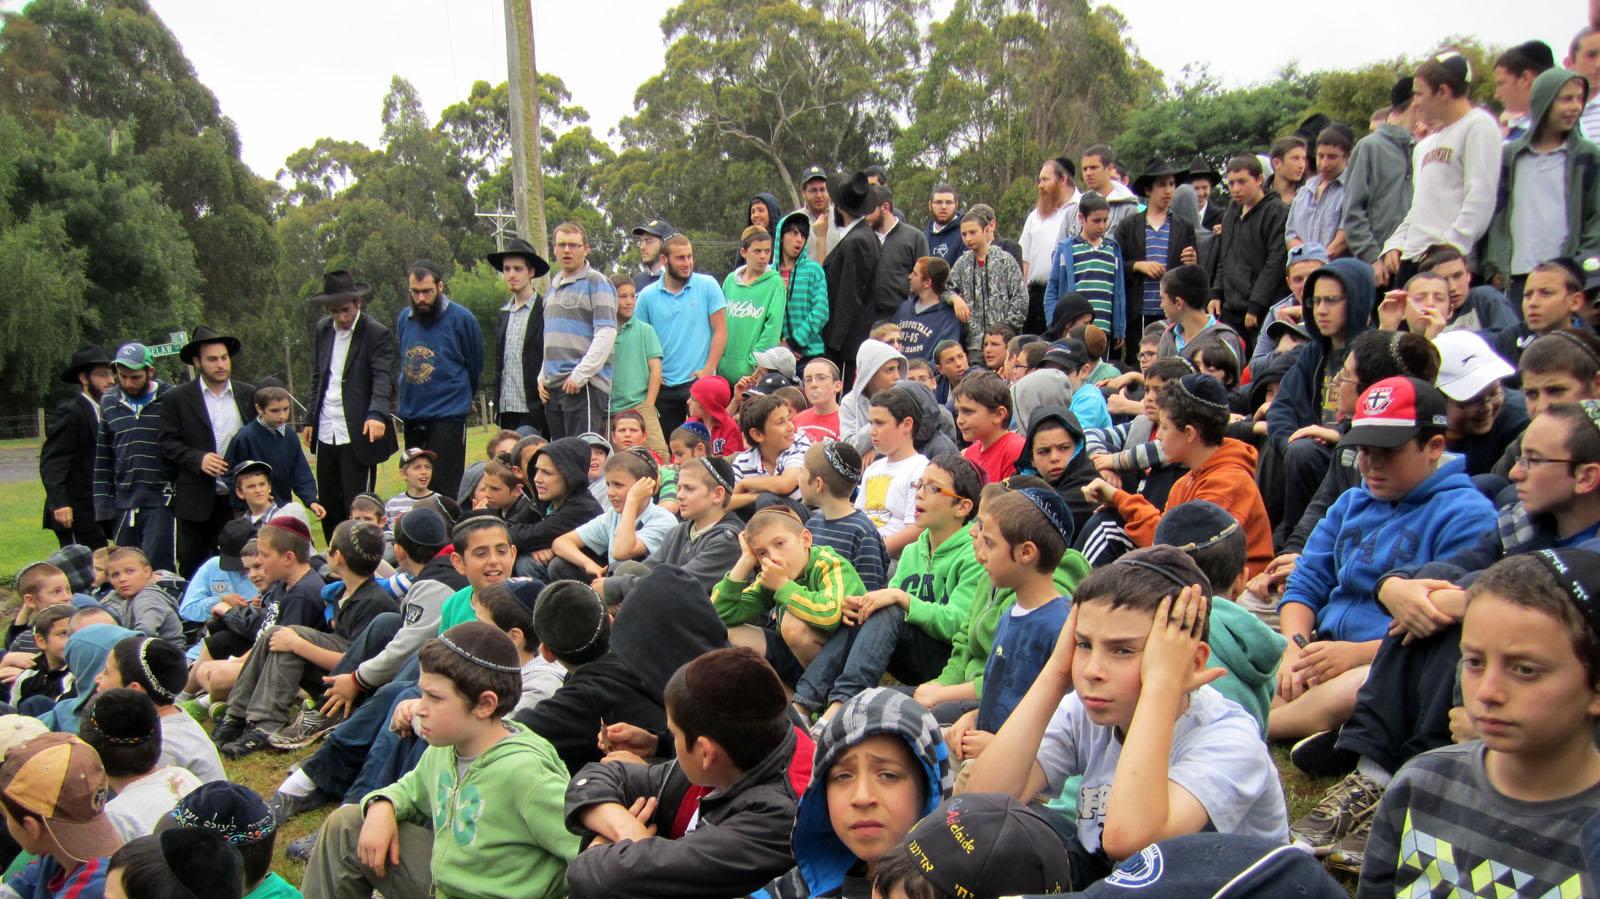 Camp Gan Israel - Melbourne